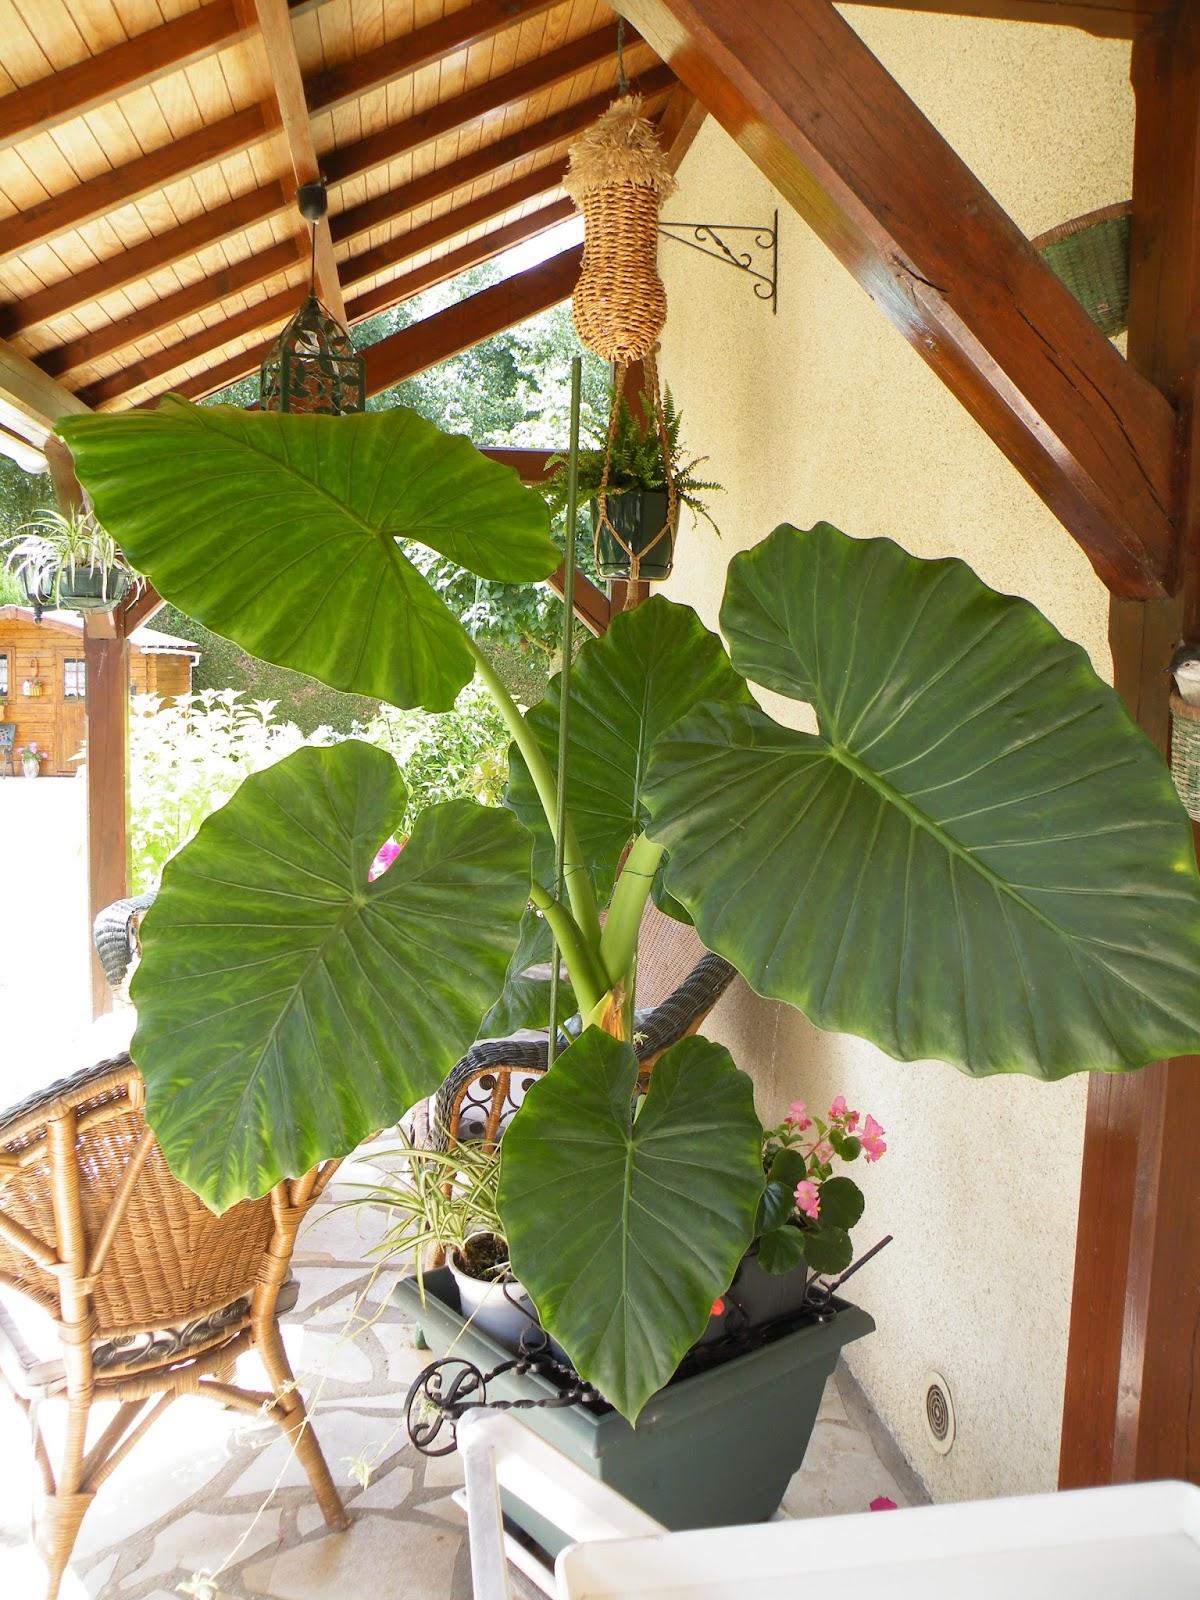 Du four au jardin et mes dix doigts belle plante for Plante 5 doigts bahamas